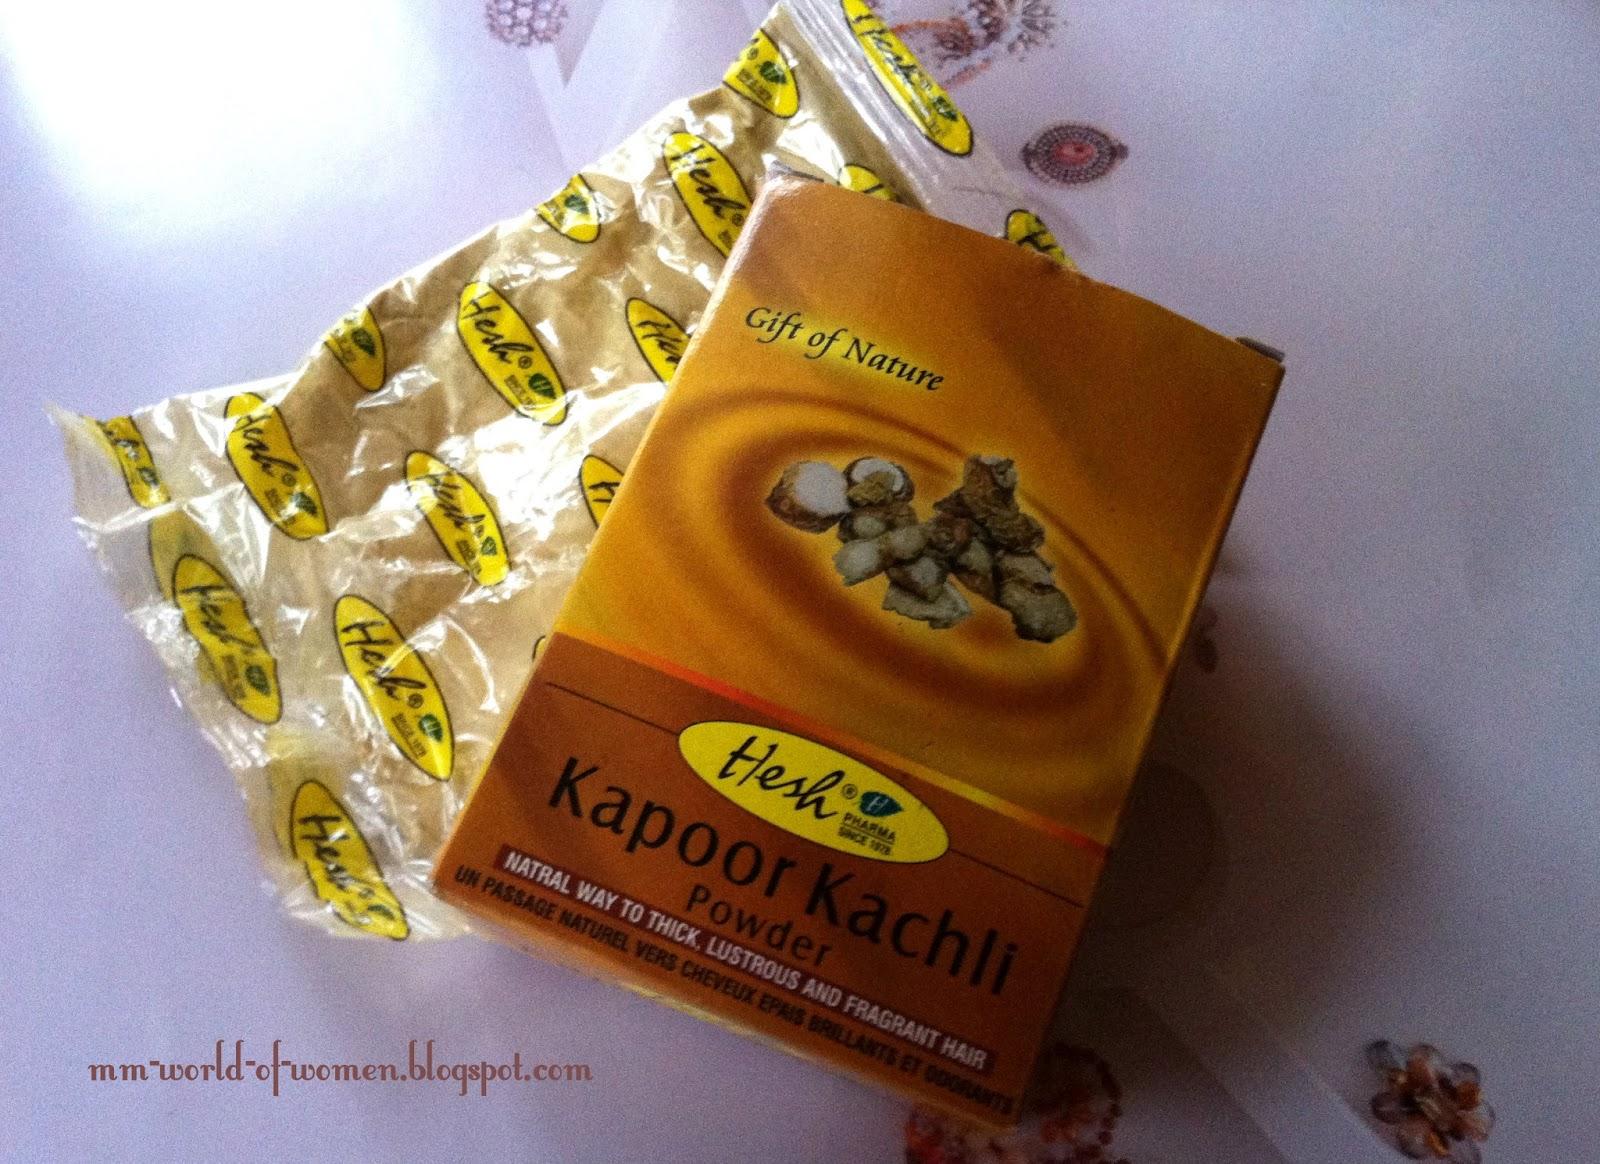 Hesh Kapoor Kachli , czyli kolejny puder na mej głowie.